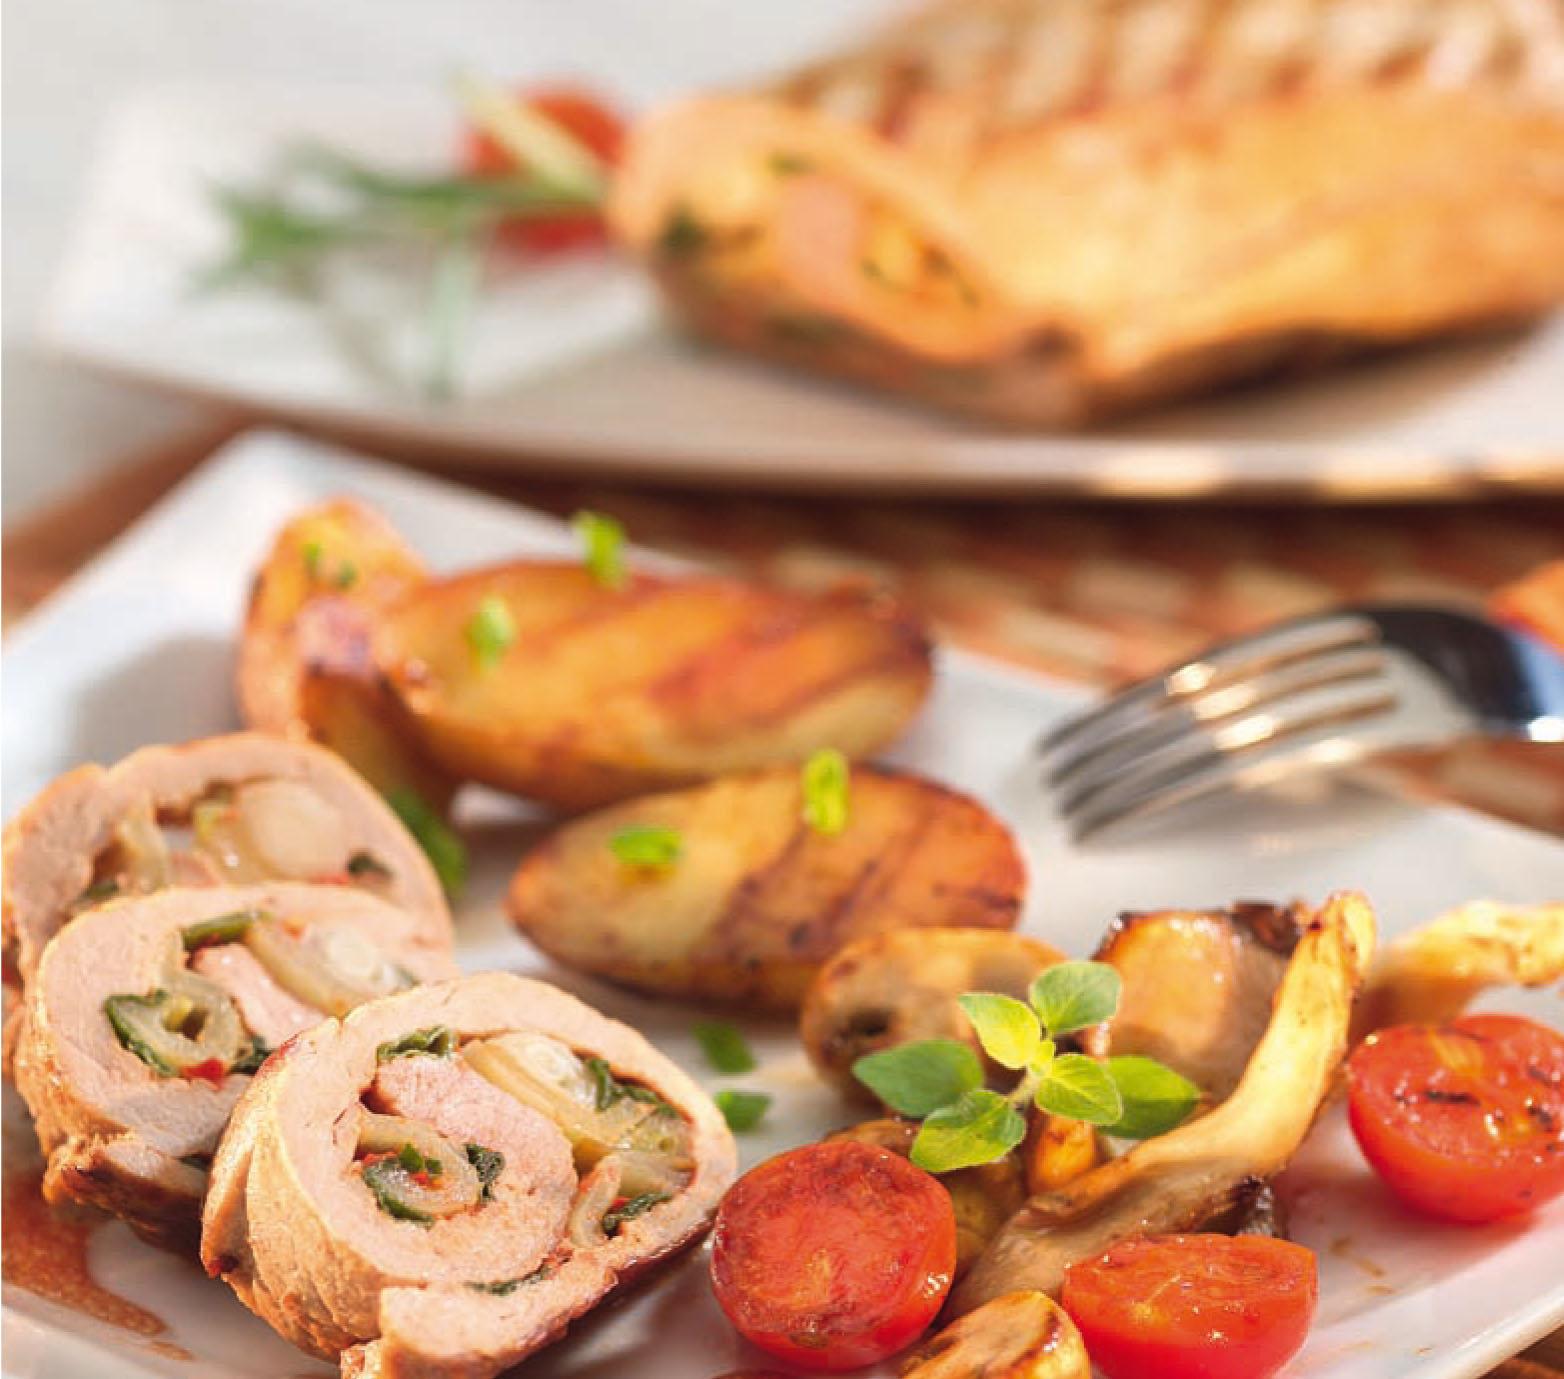 Magyaros grill - töltött sertésszűz roston sütve, héjában sült burgonyával